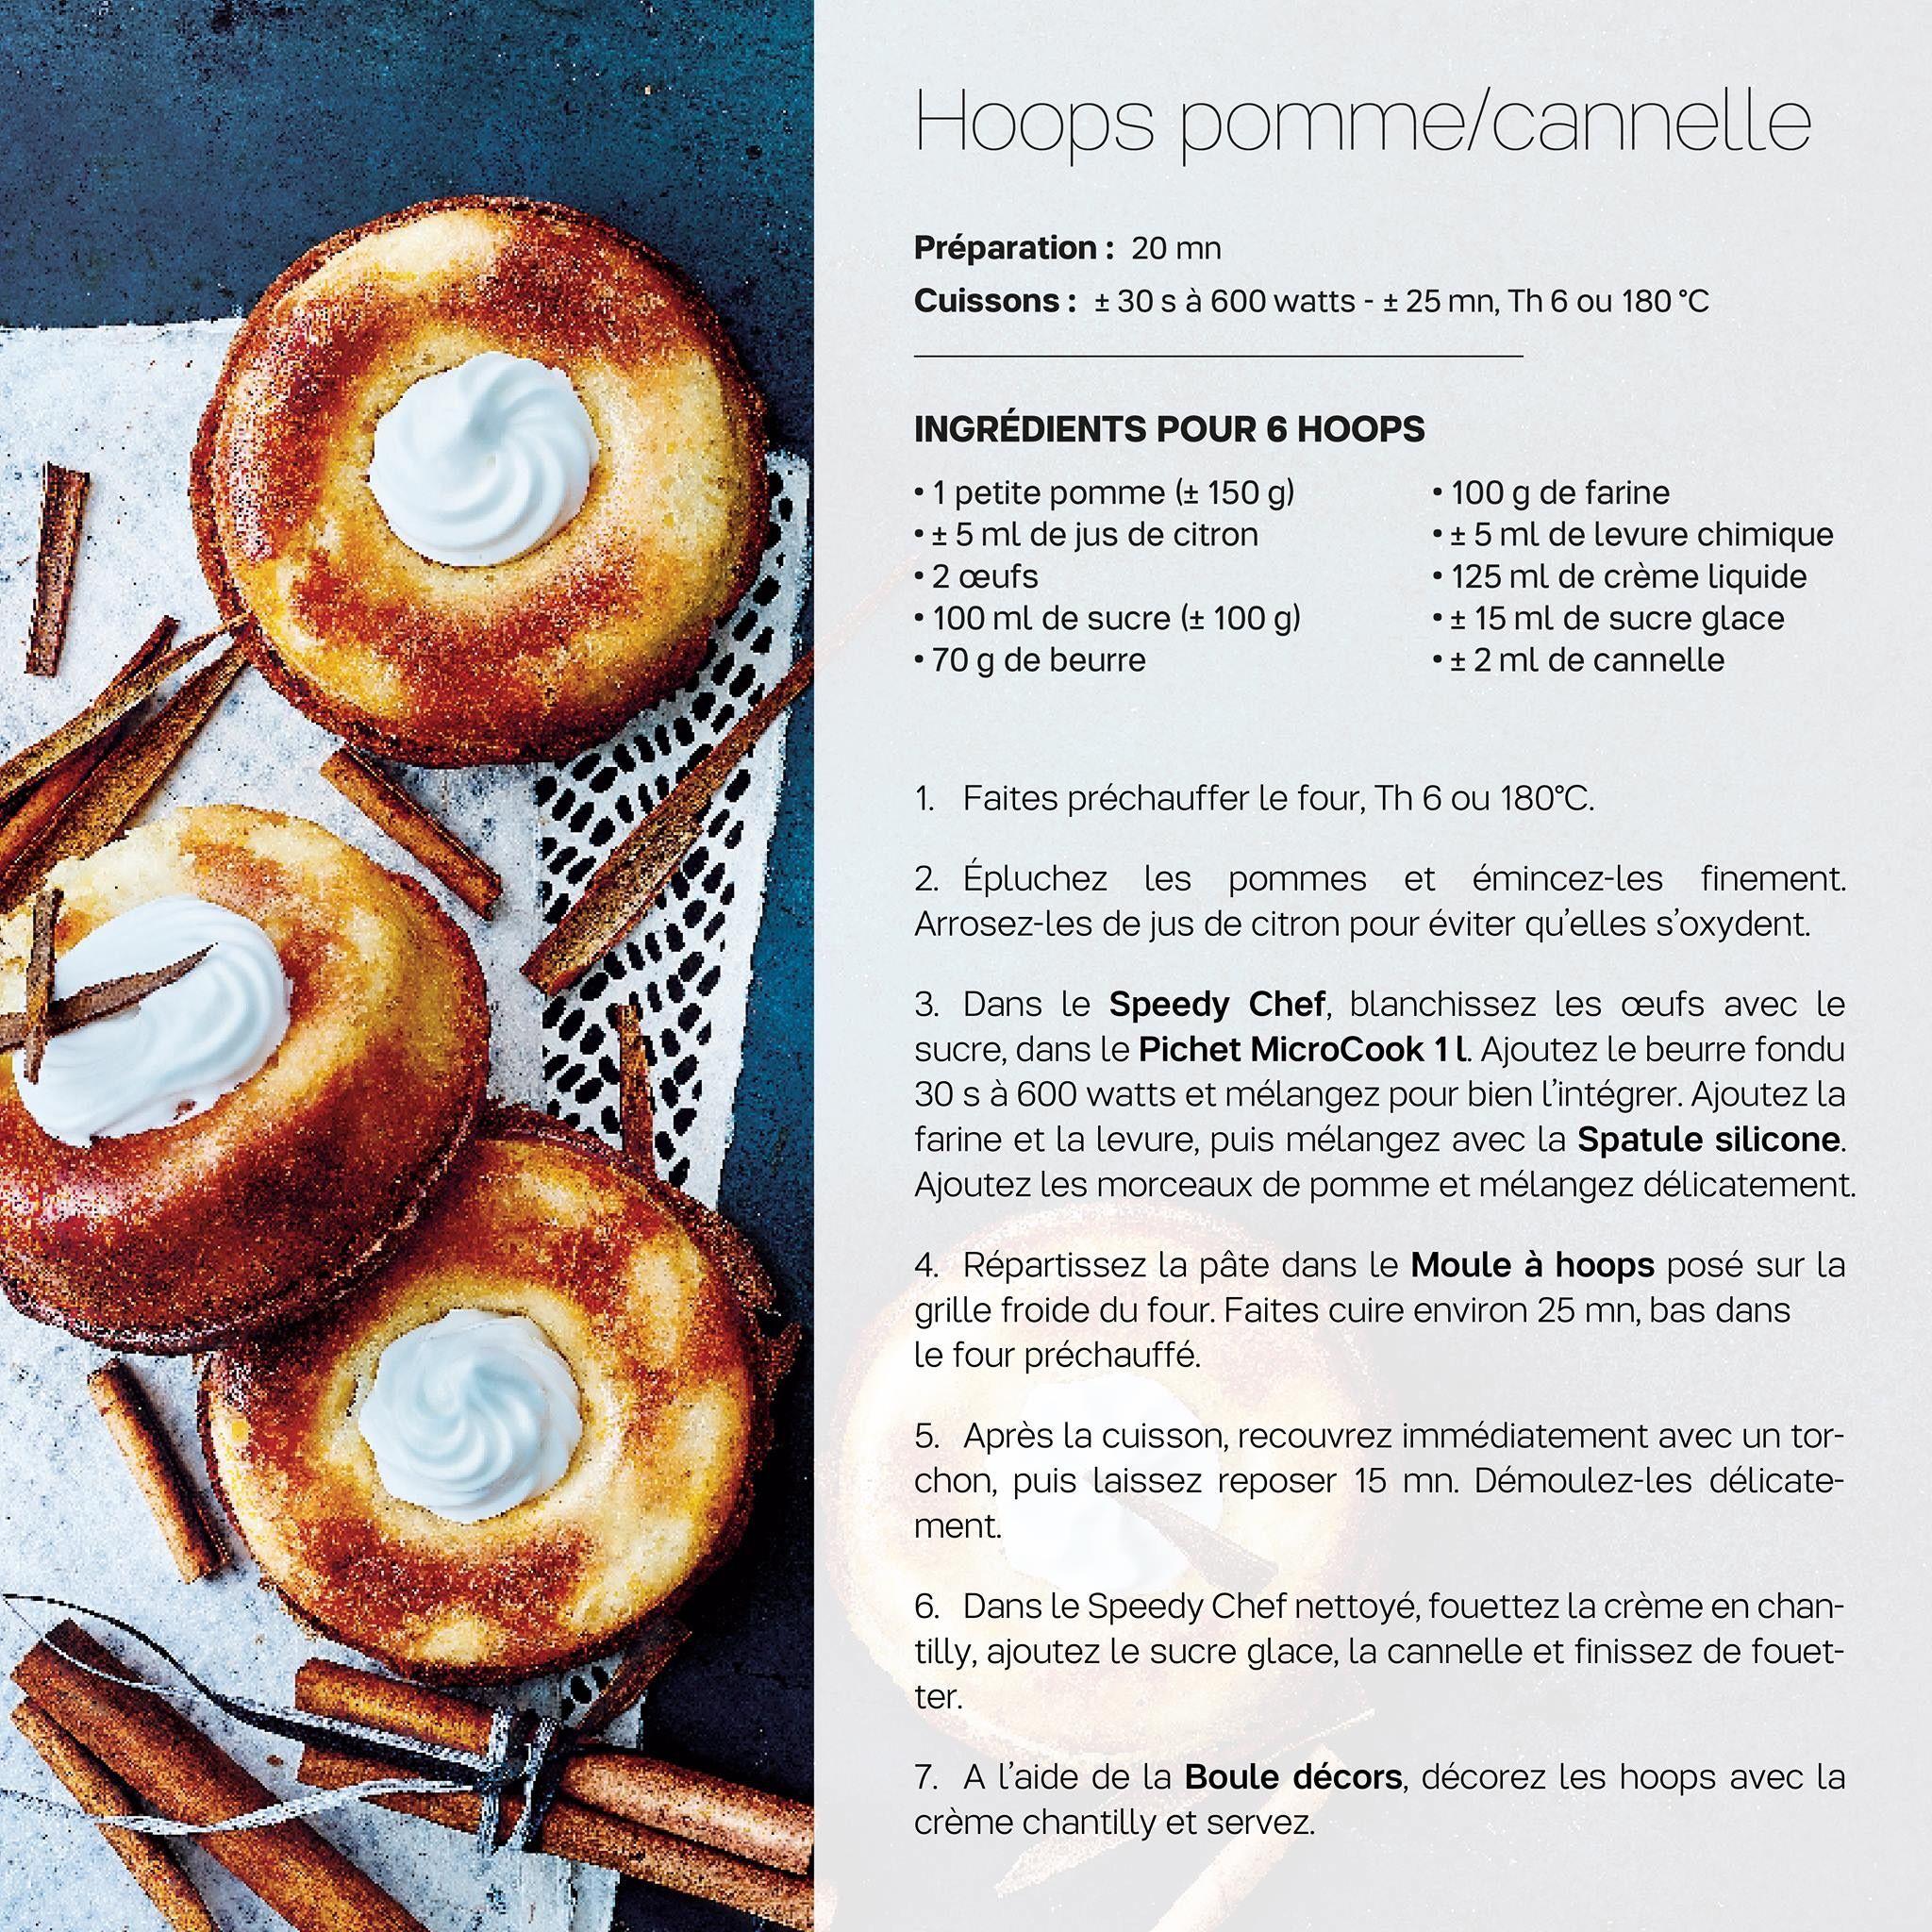 Pingl par olivia robert sur tupperware en 2019 recette - Recette de cuisine pour l hiver ...